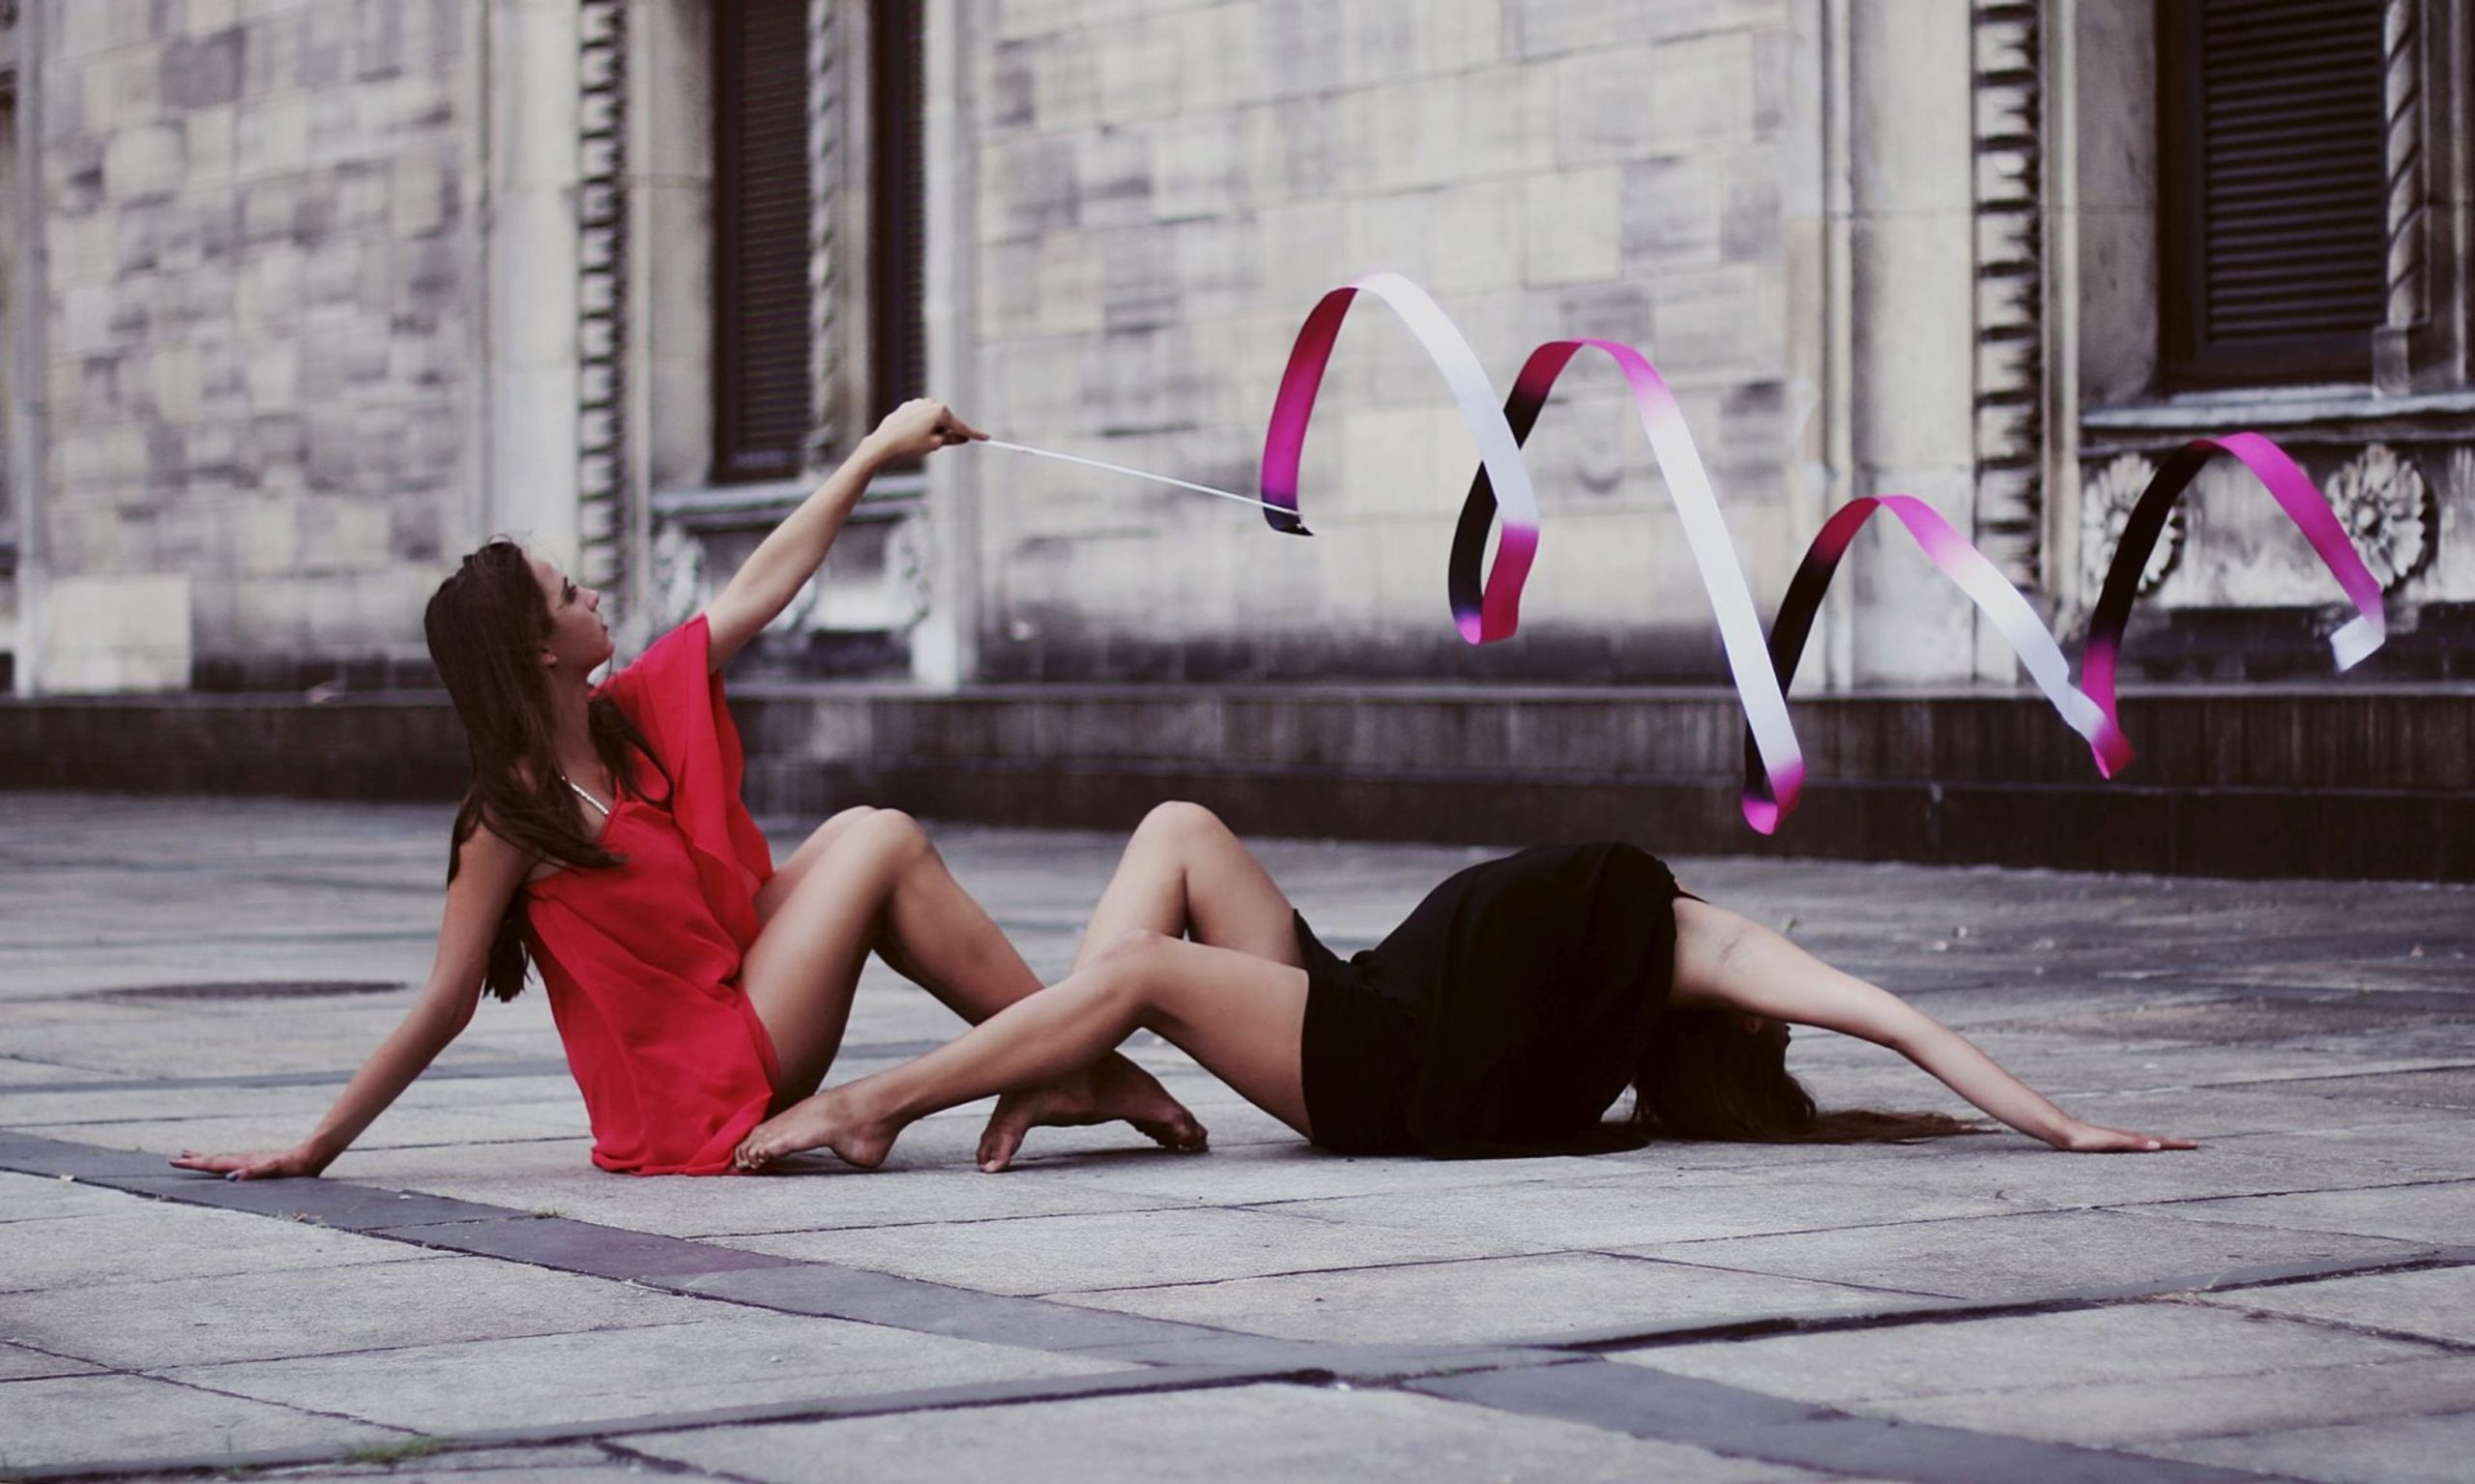 cropped-sesja-zdjęciowa-gimnastyczki-ze-wstążką-scaled Strona Główna